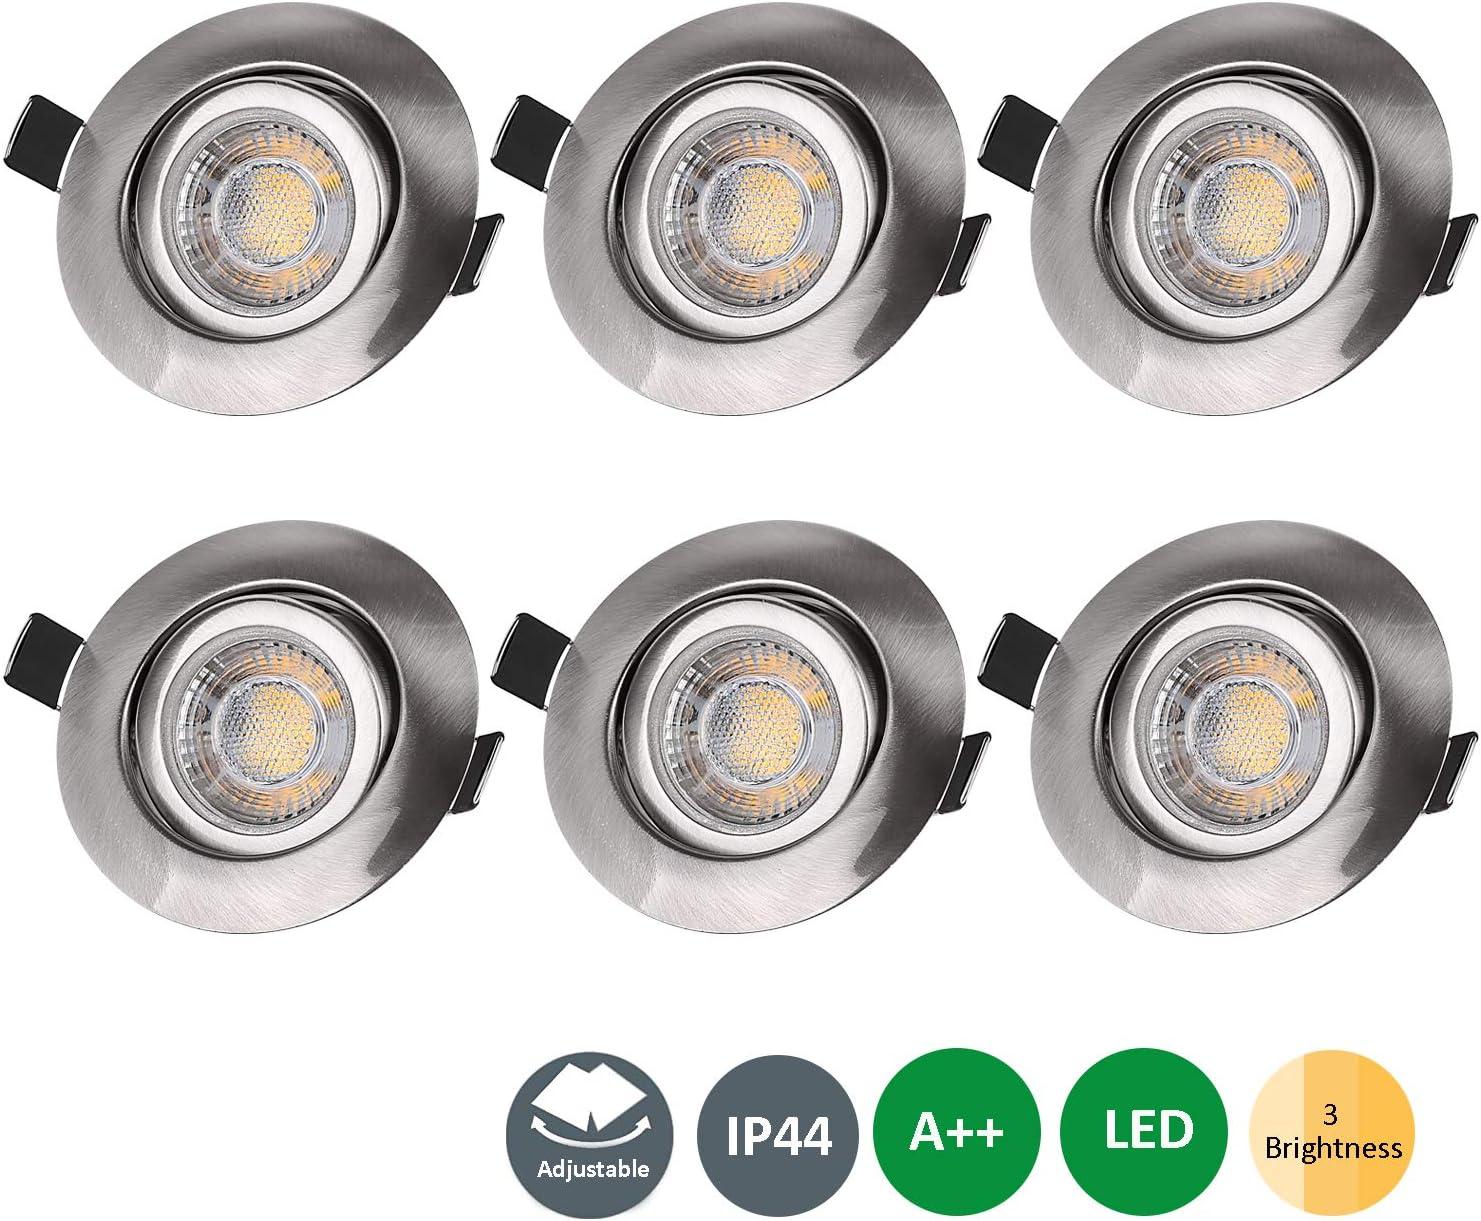 LED Bad Einbaustrahler Set IP44 230V 7W GU10 3000k warmweiß Feuchtraum Keller